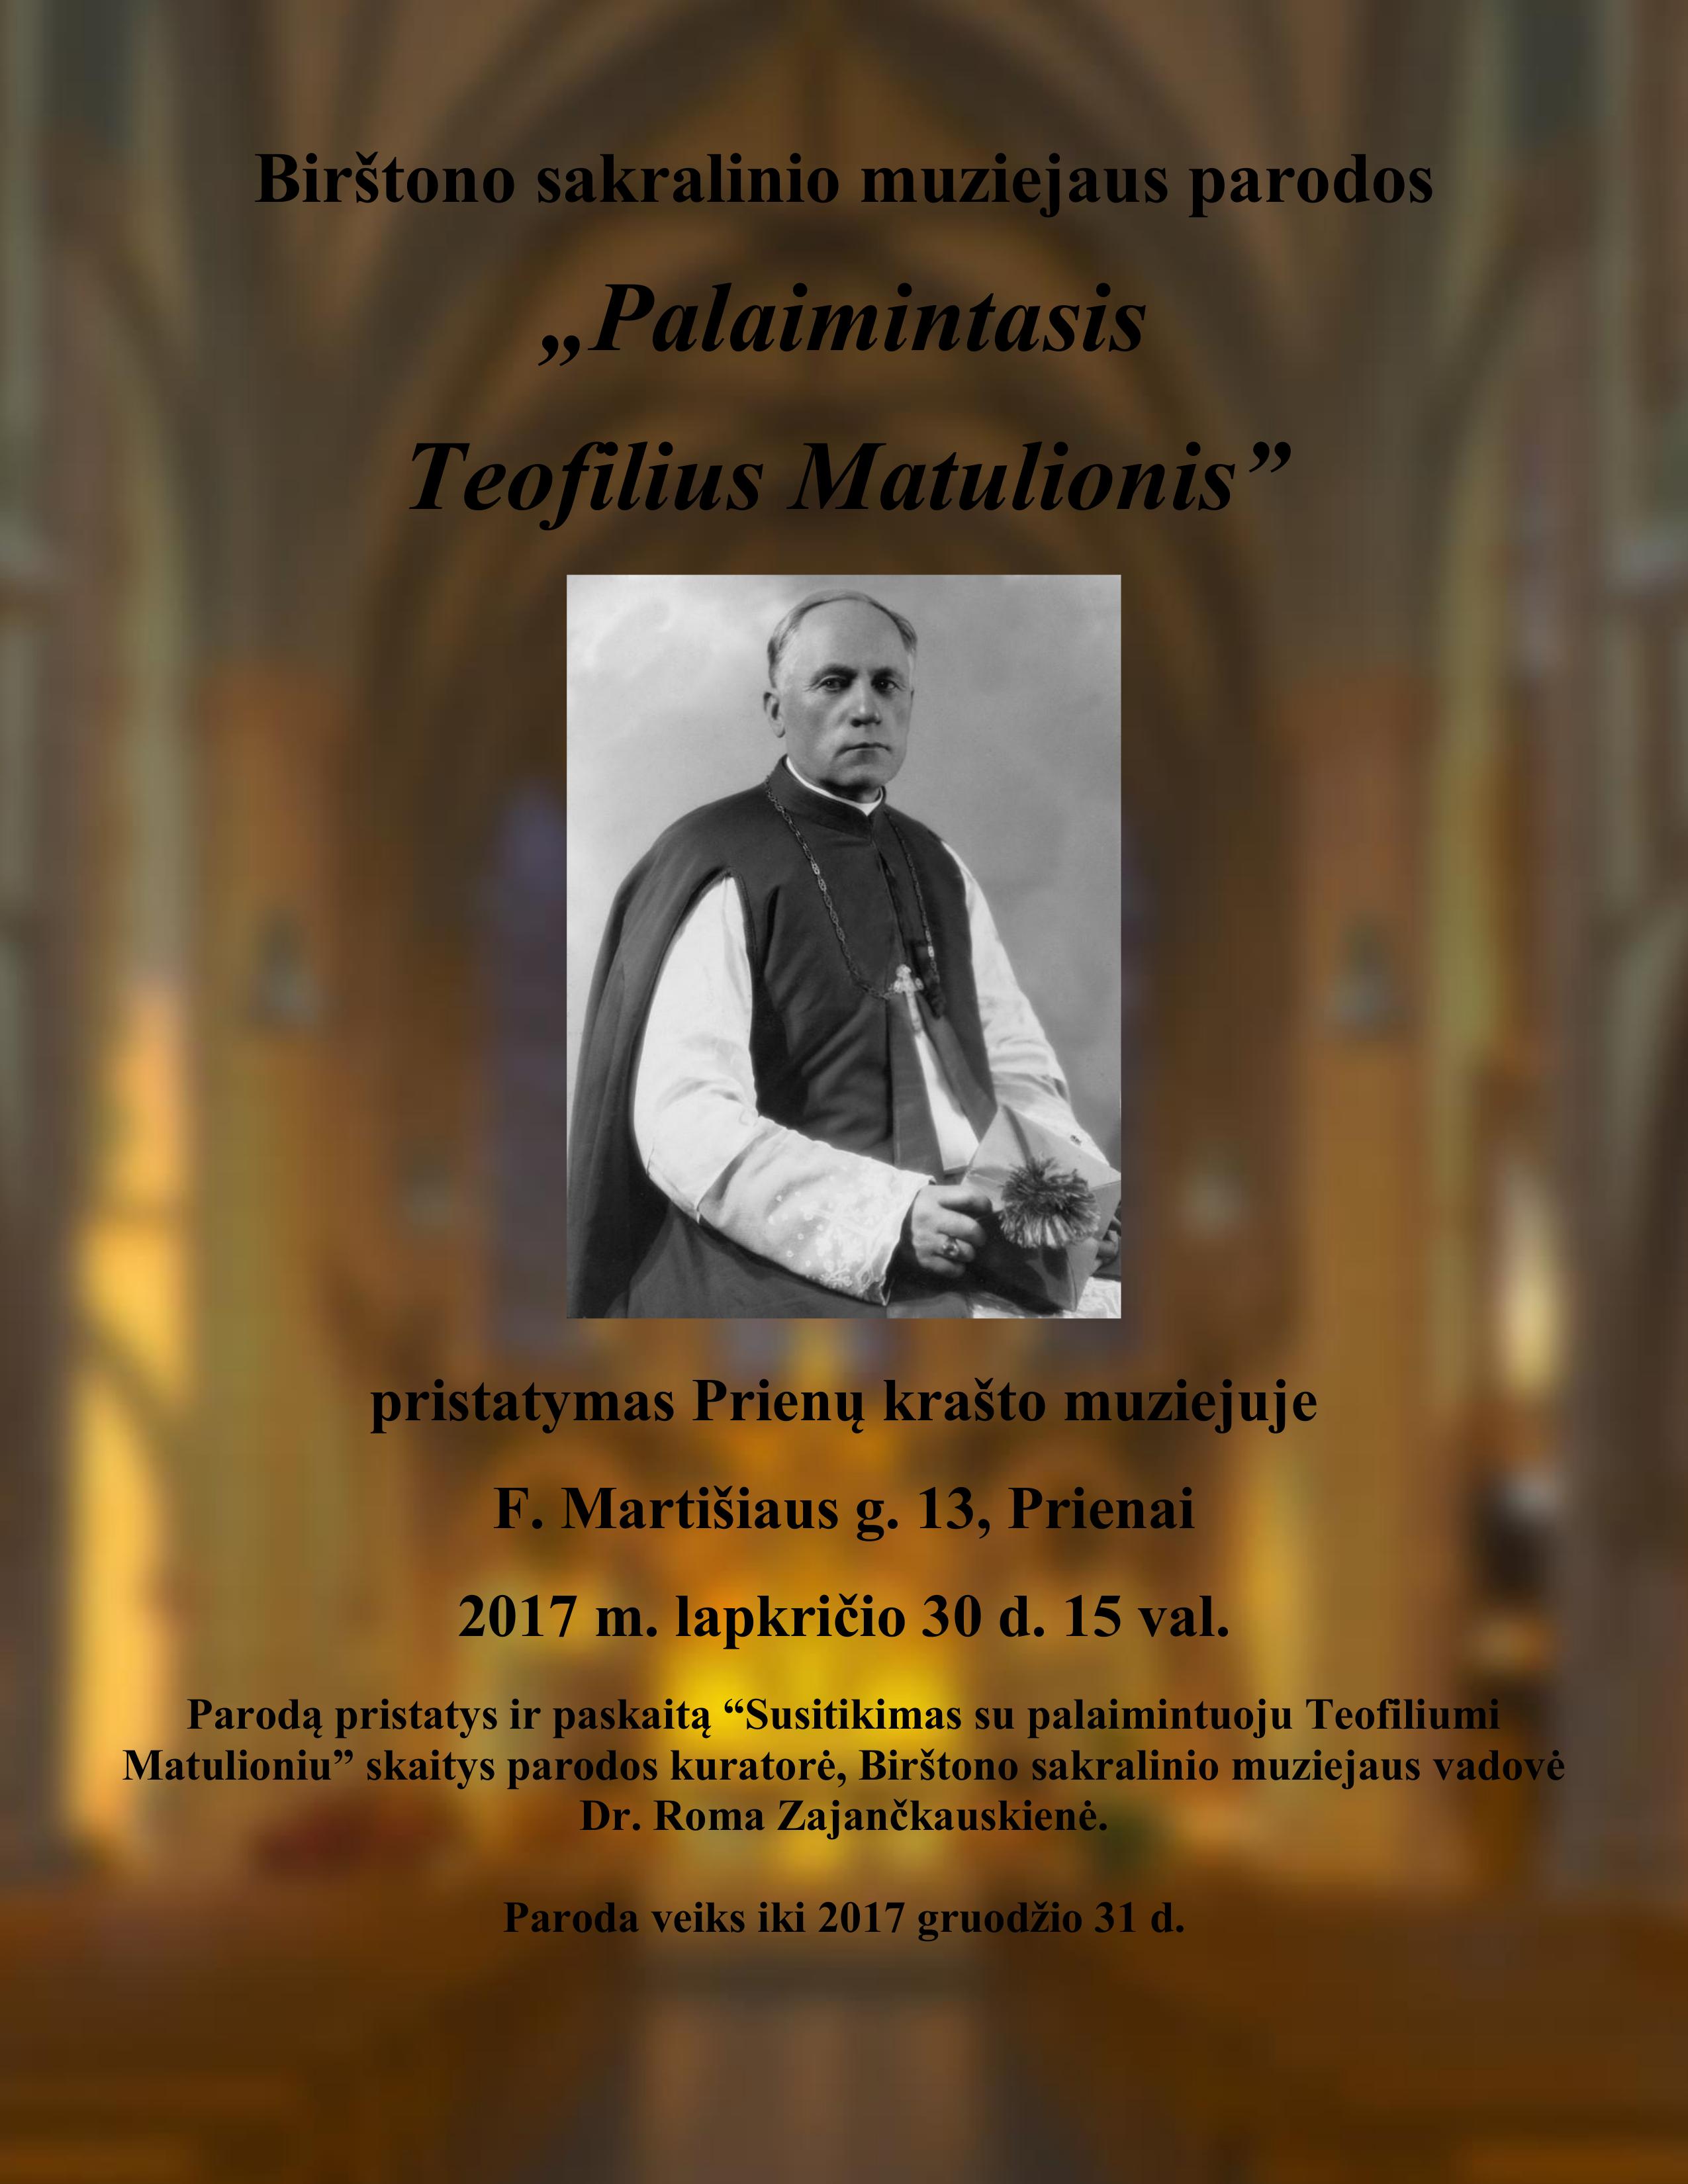 """Birštono sakralinio muziejaus parodos """"Palaimintasis Teofilius Matulionis""""   pristatymas Prienų krašto muziejuje"""